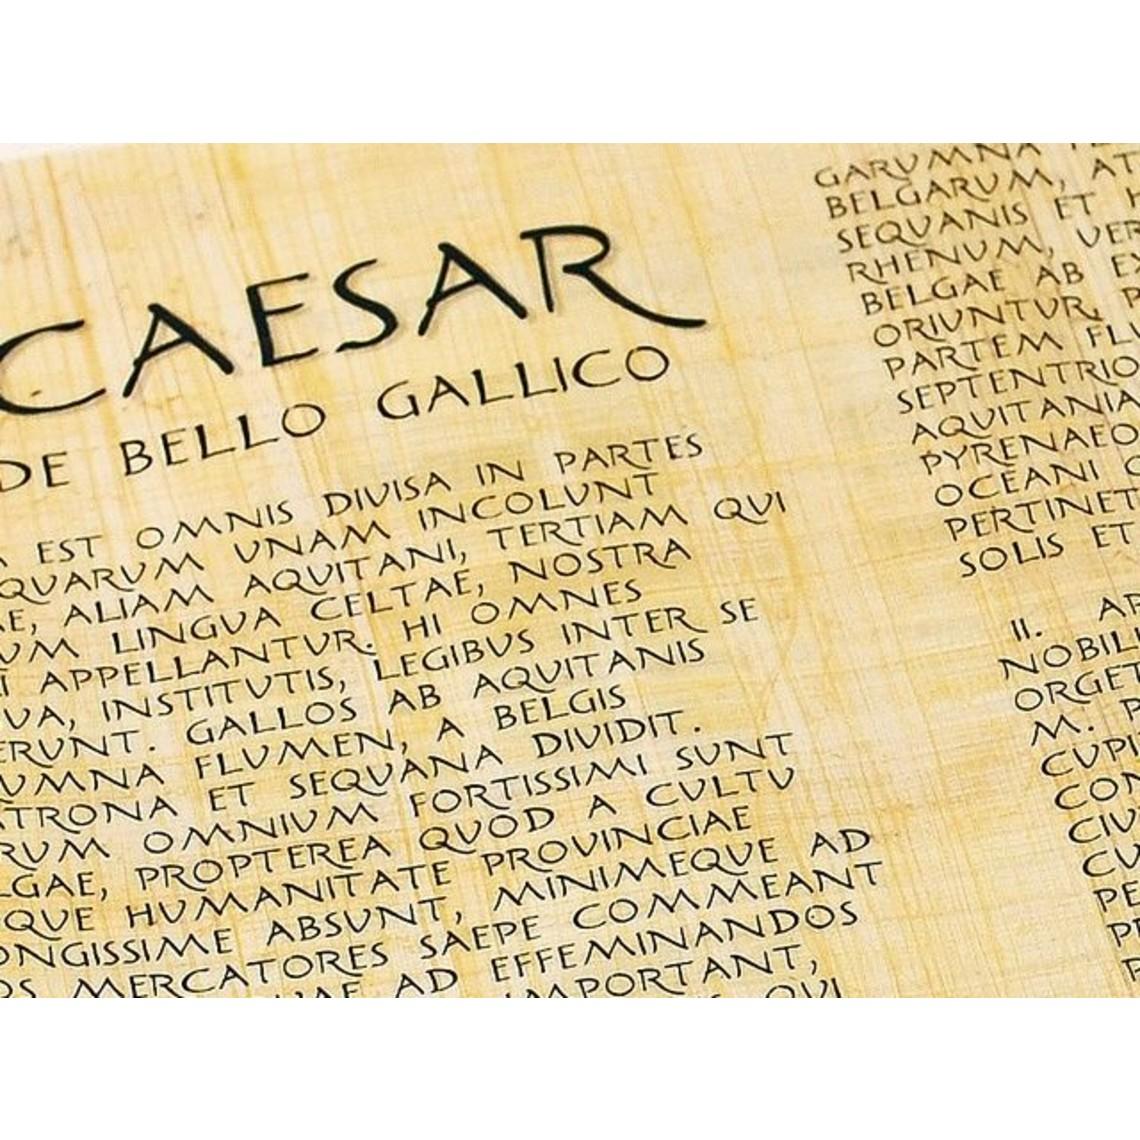 Caesars De bello gallico